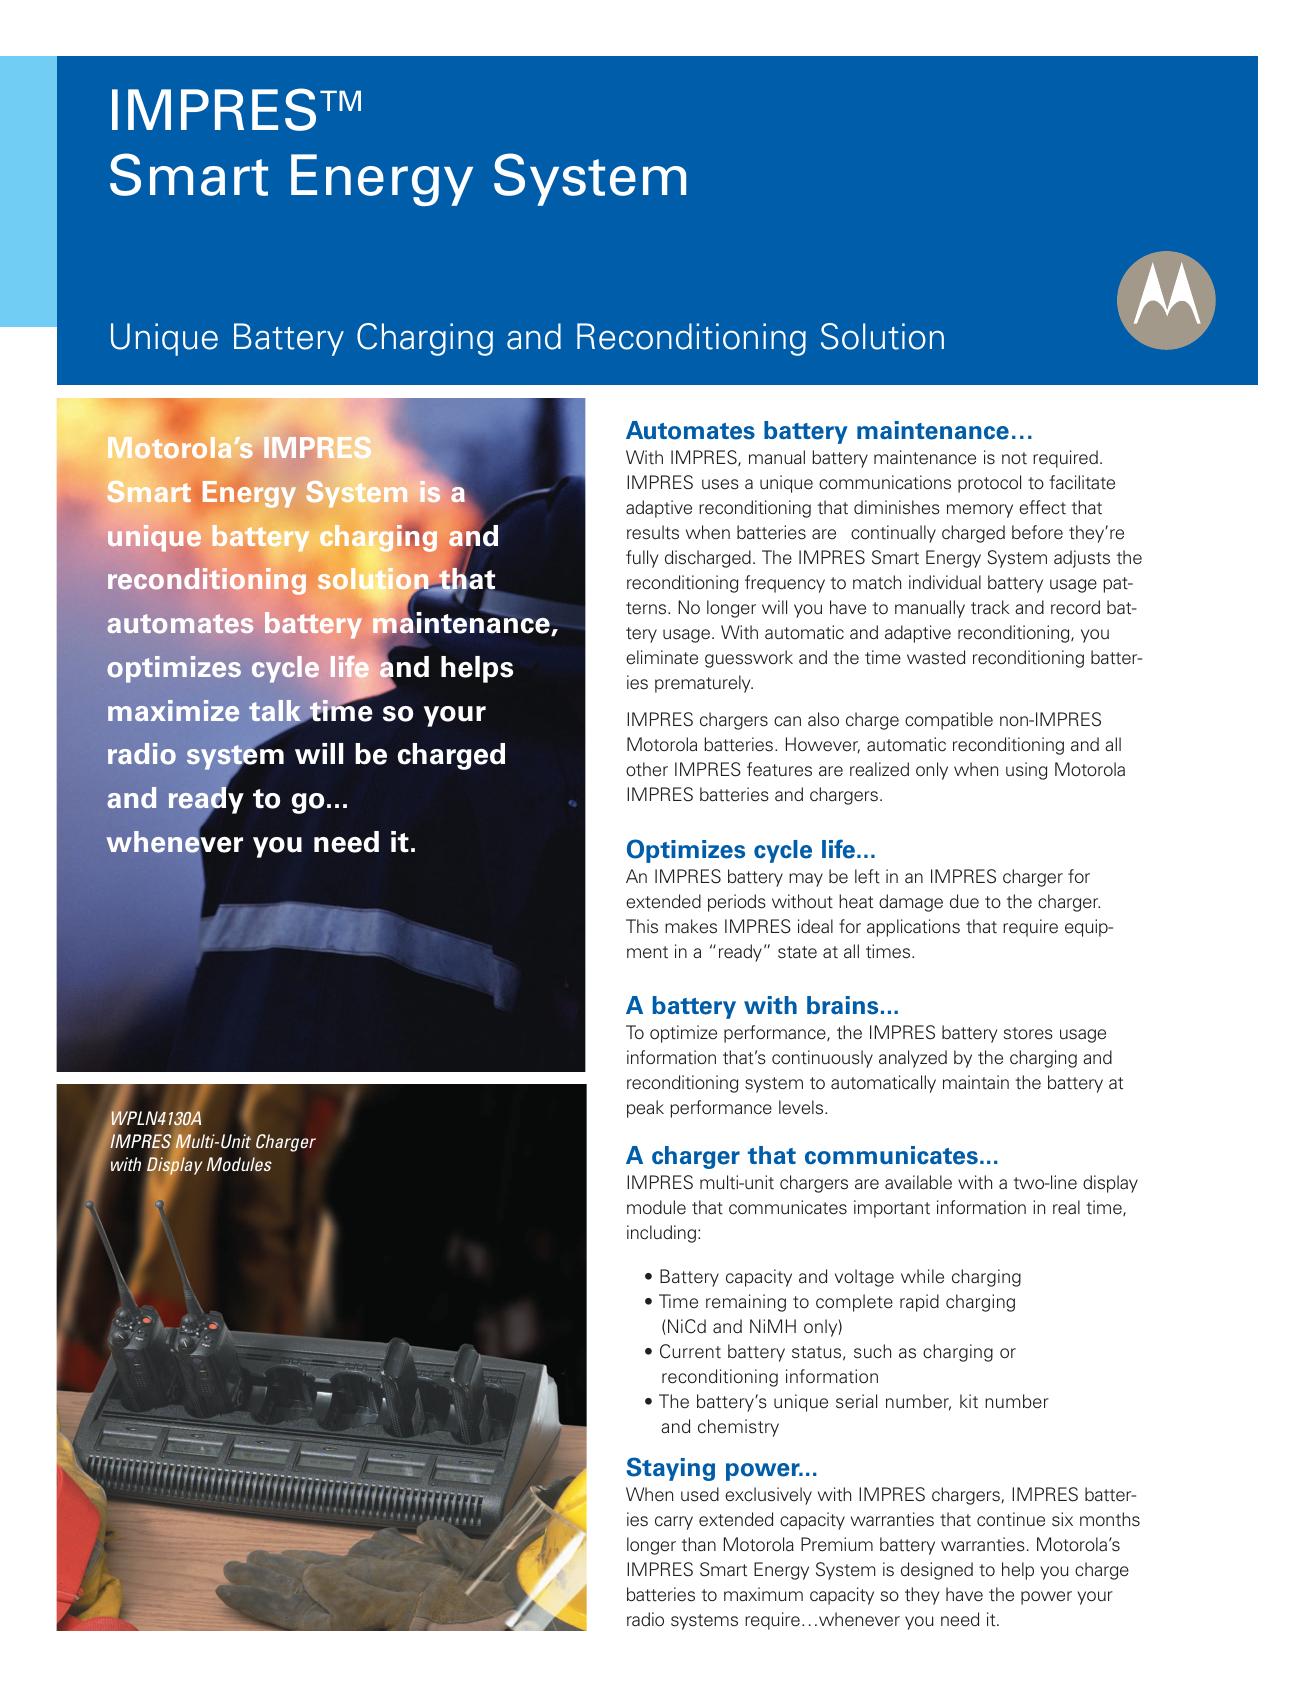 IMPRESTM Smart Energy System | manualzz com